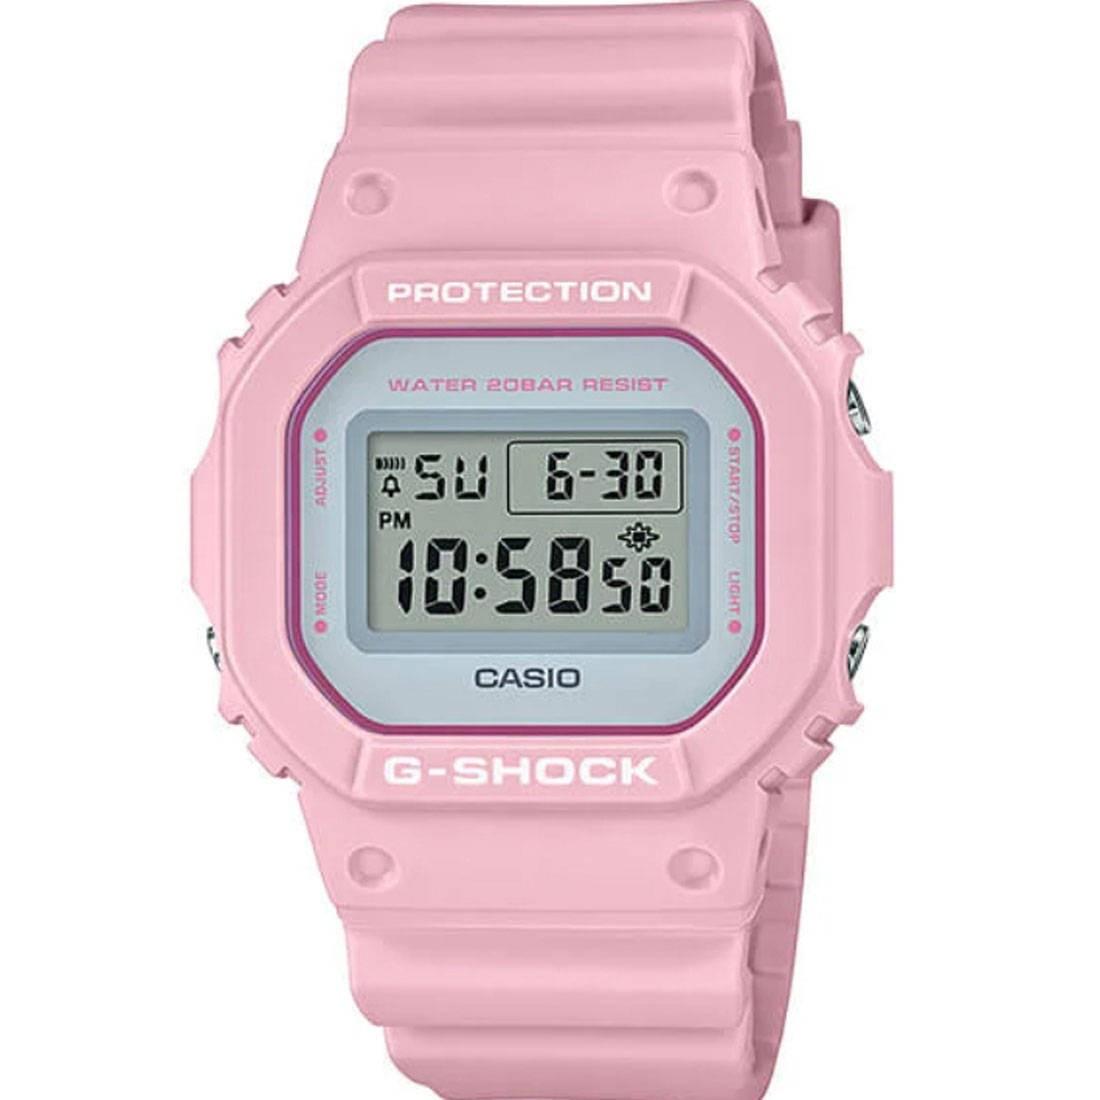 G-Shock Watches DW5600SC Watch (pink)